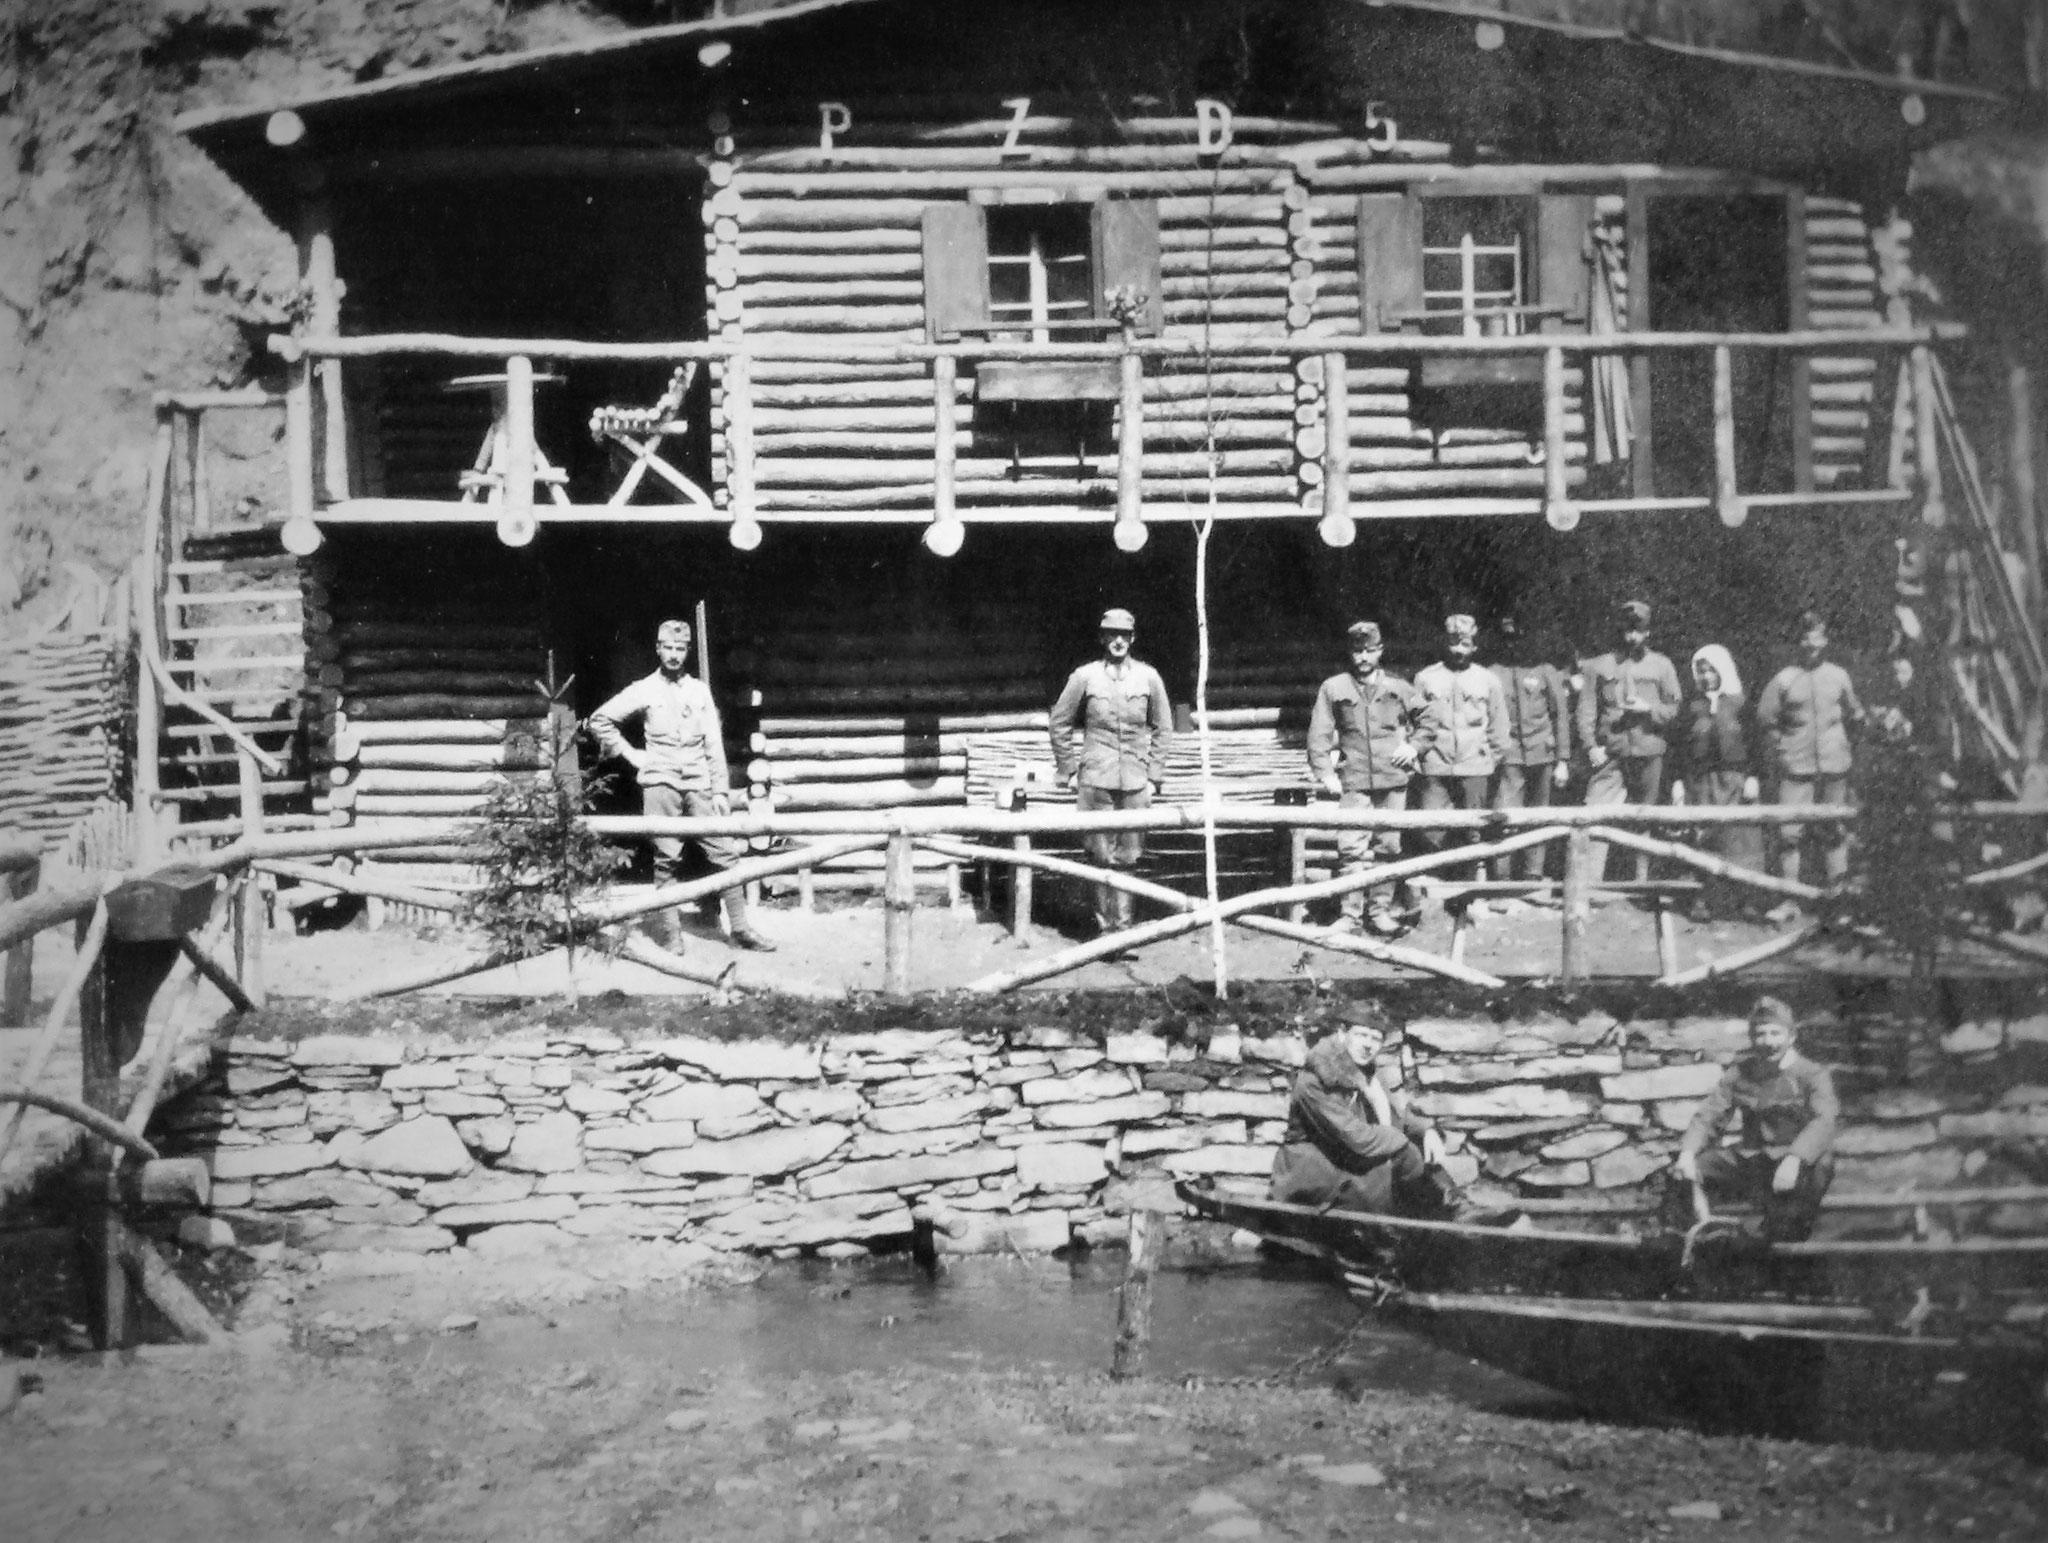 Staubecken mit 2 Zillen, darin Plank u. Uram; am Ufer Kopeinig, Mallinger u. Mannschaft des PZ. mit einer Bäuerin.